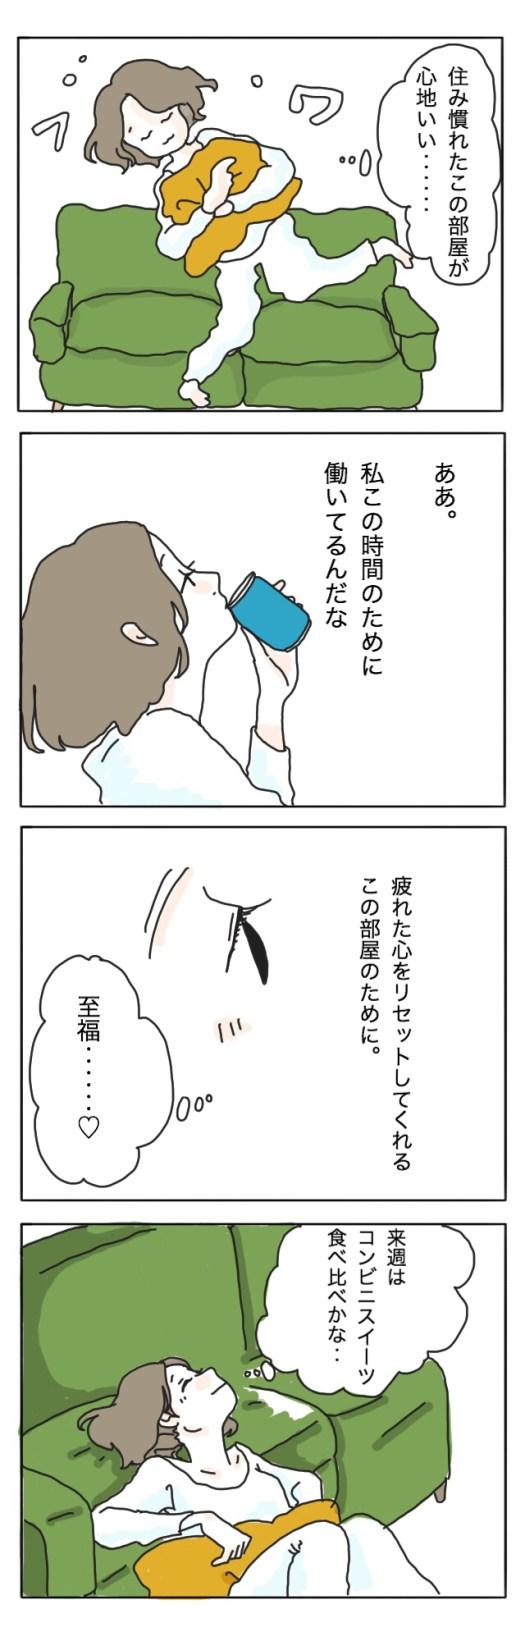 【奥田けい連載】マンガ・一人暮らしの彼女たち ‐華金編-